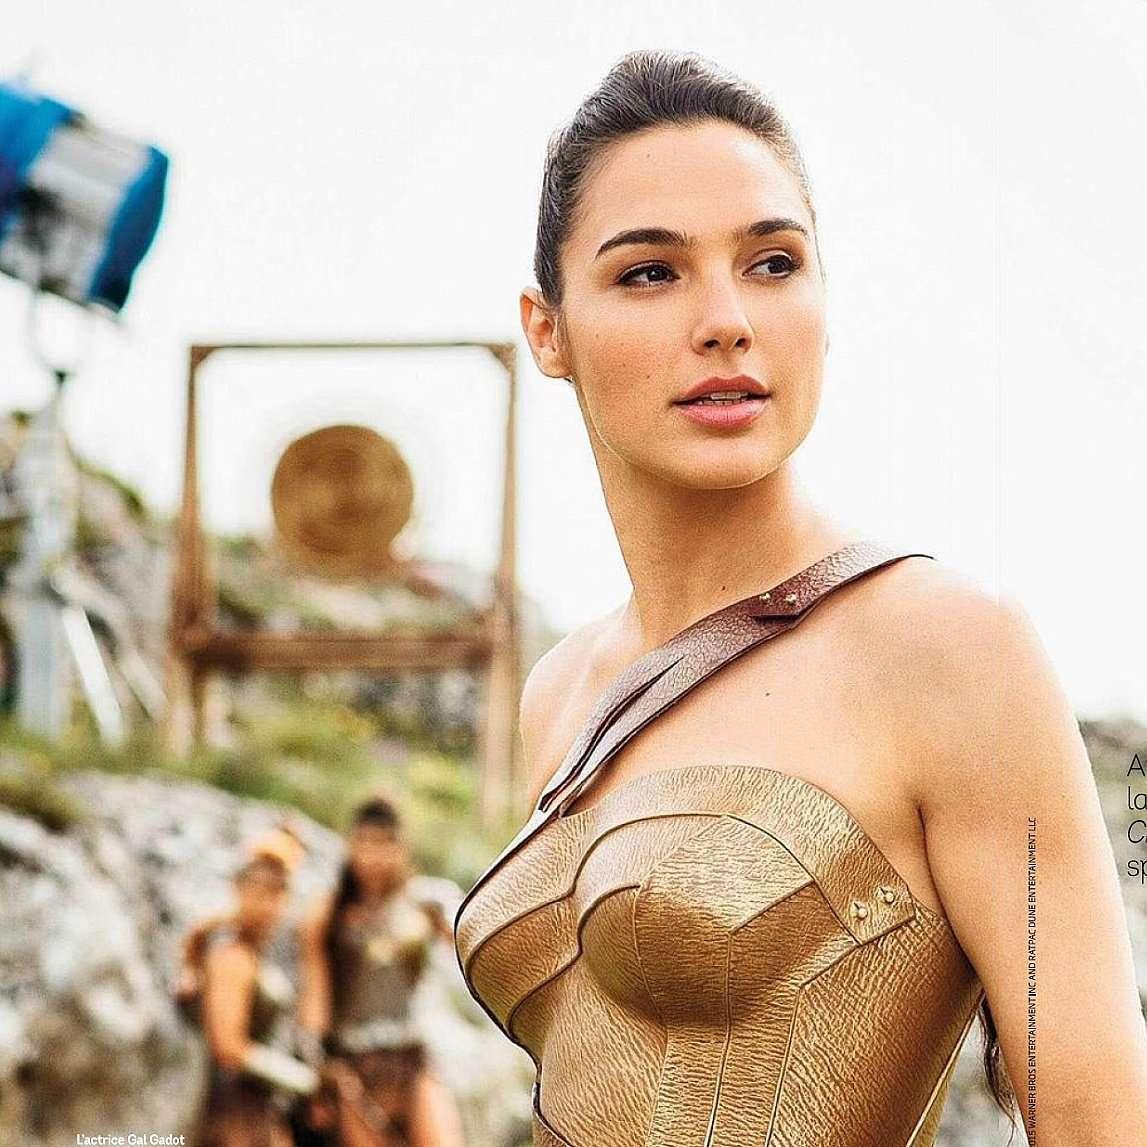 Fake gal gadot Wonder Woman: